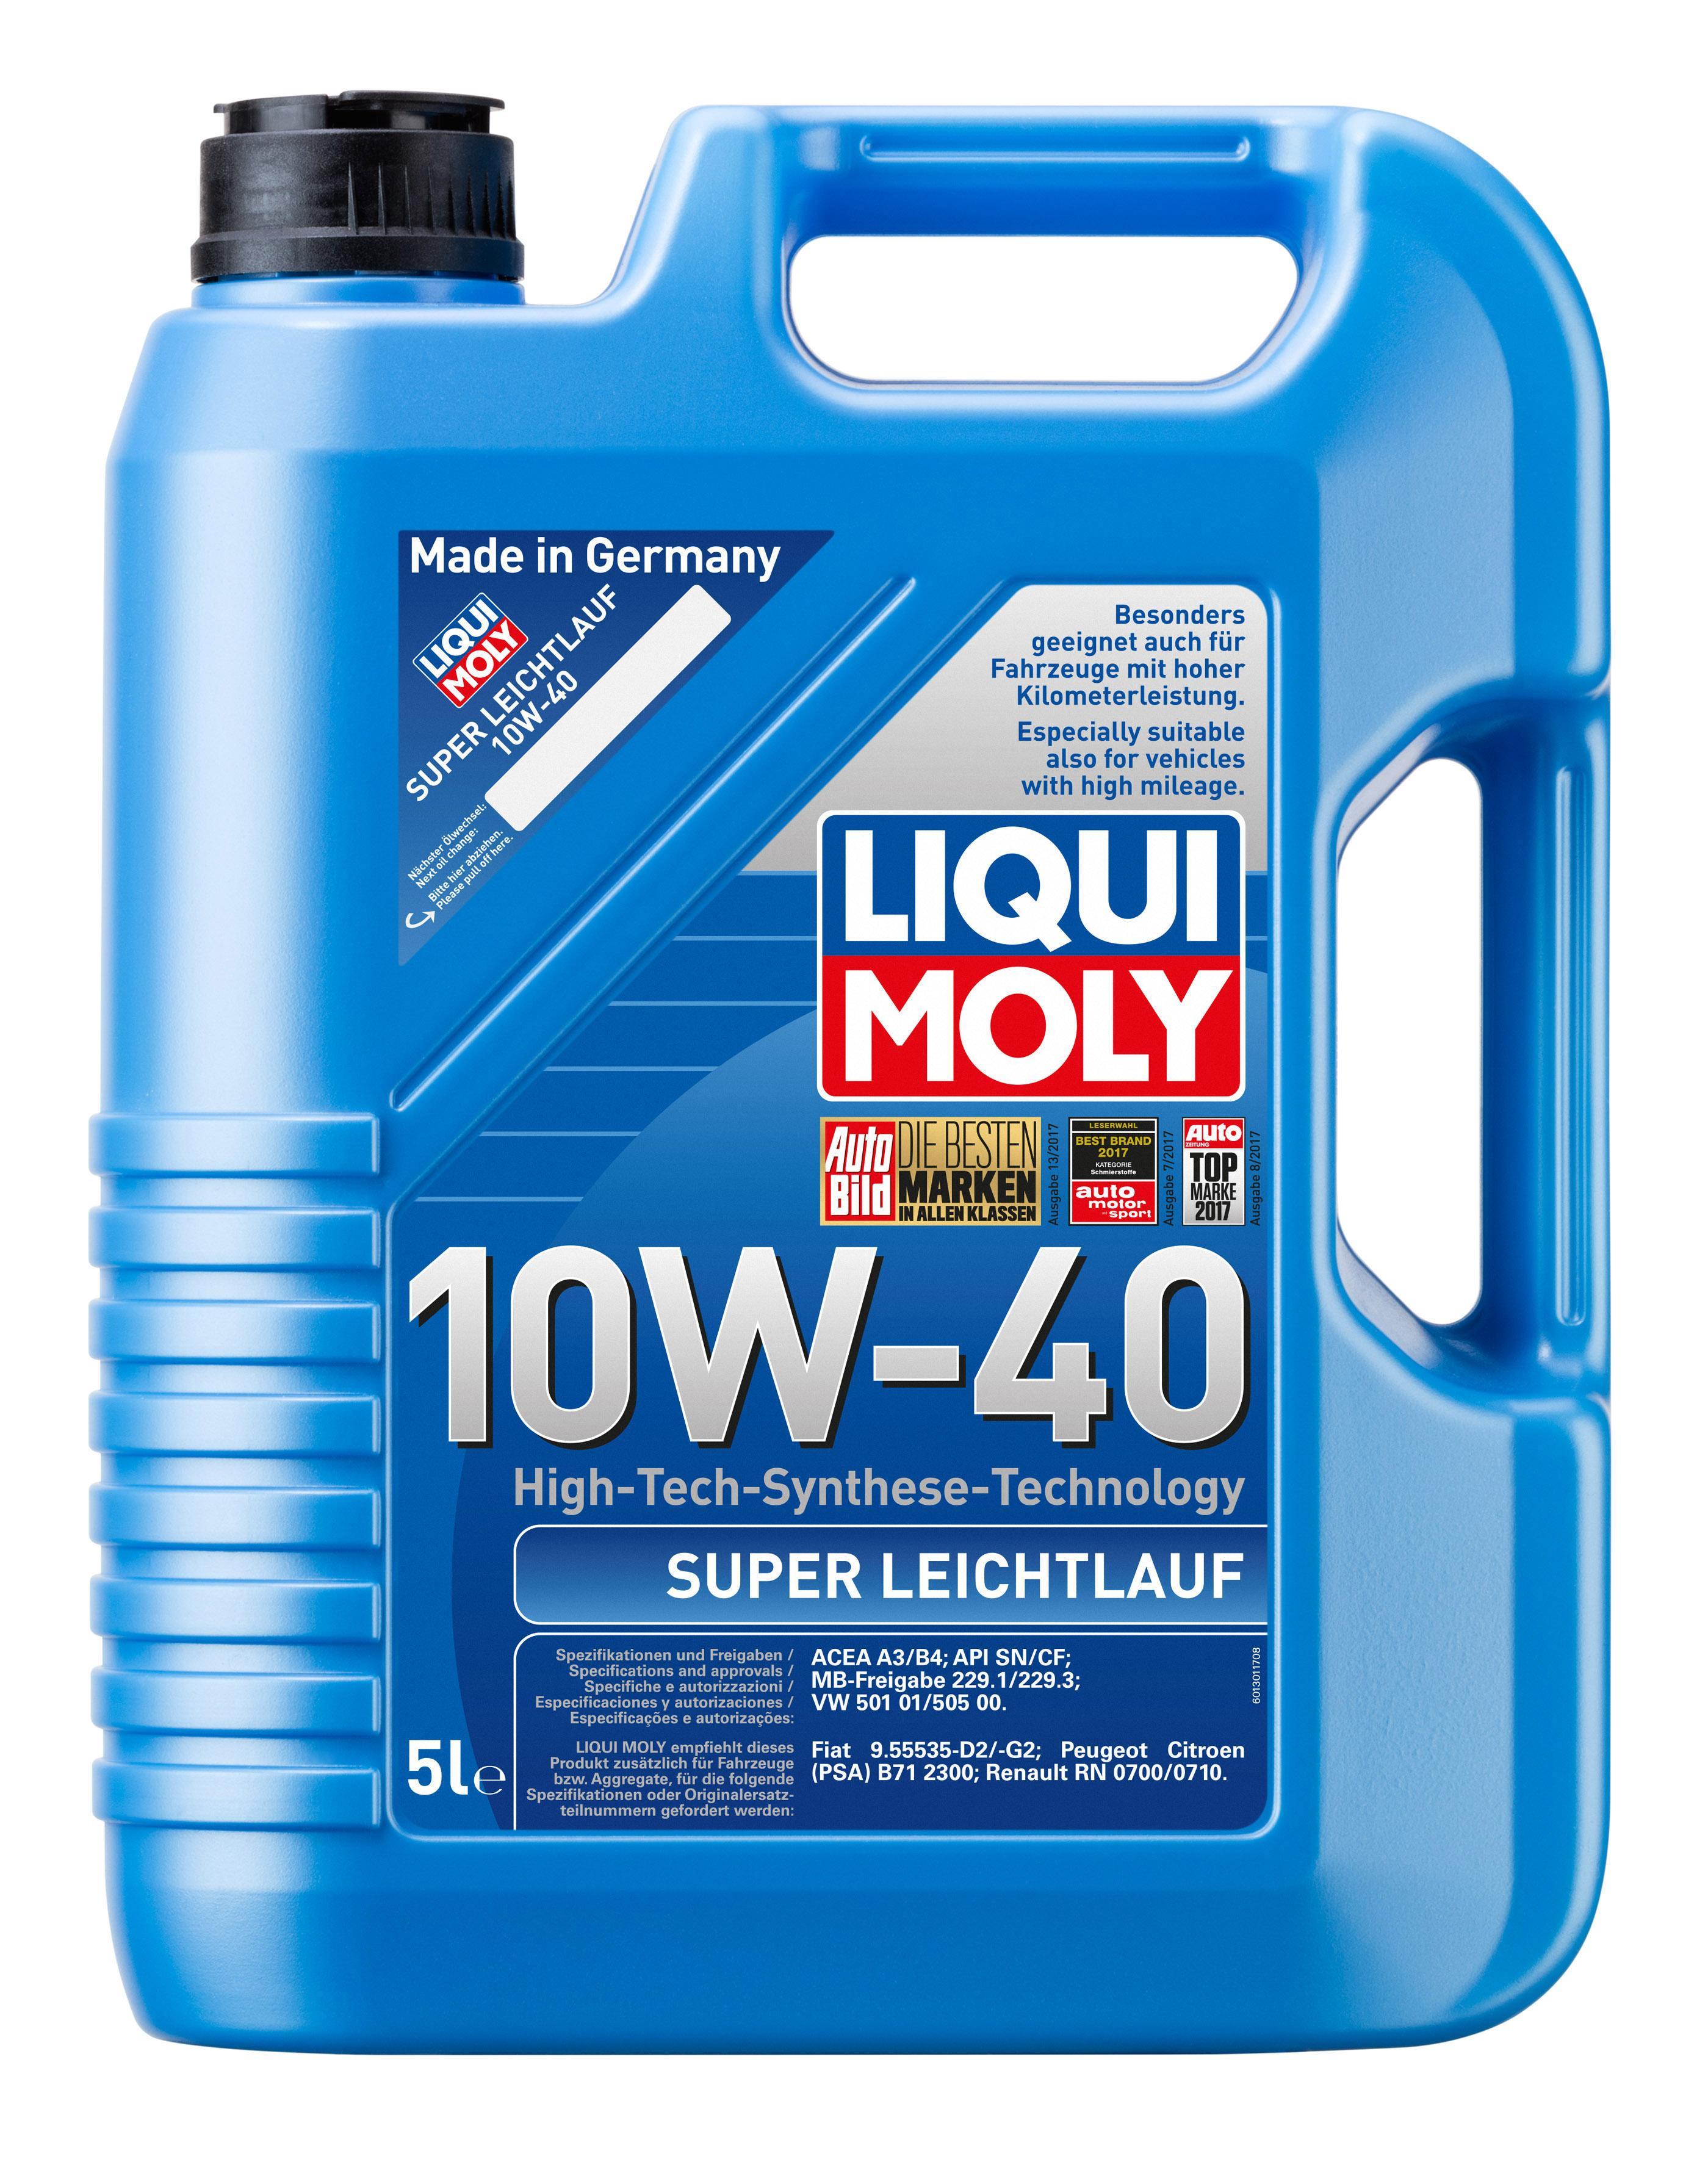 Achat de SuperLeichtlauf10W40 LIQUI MOLY Leichtlauf, Super 10W-40, Capacité: 5I Huile moteur 1301 pas chères